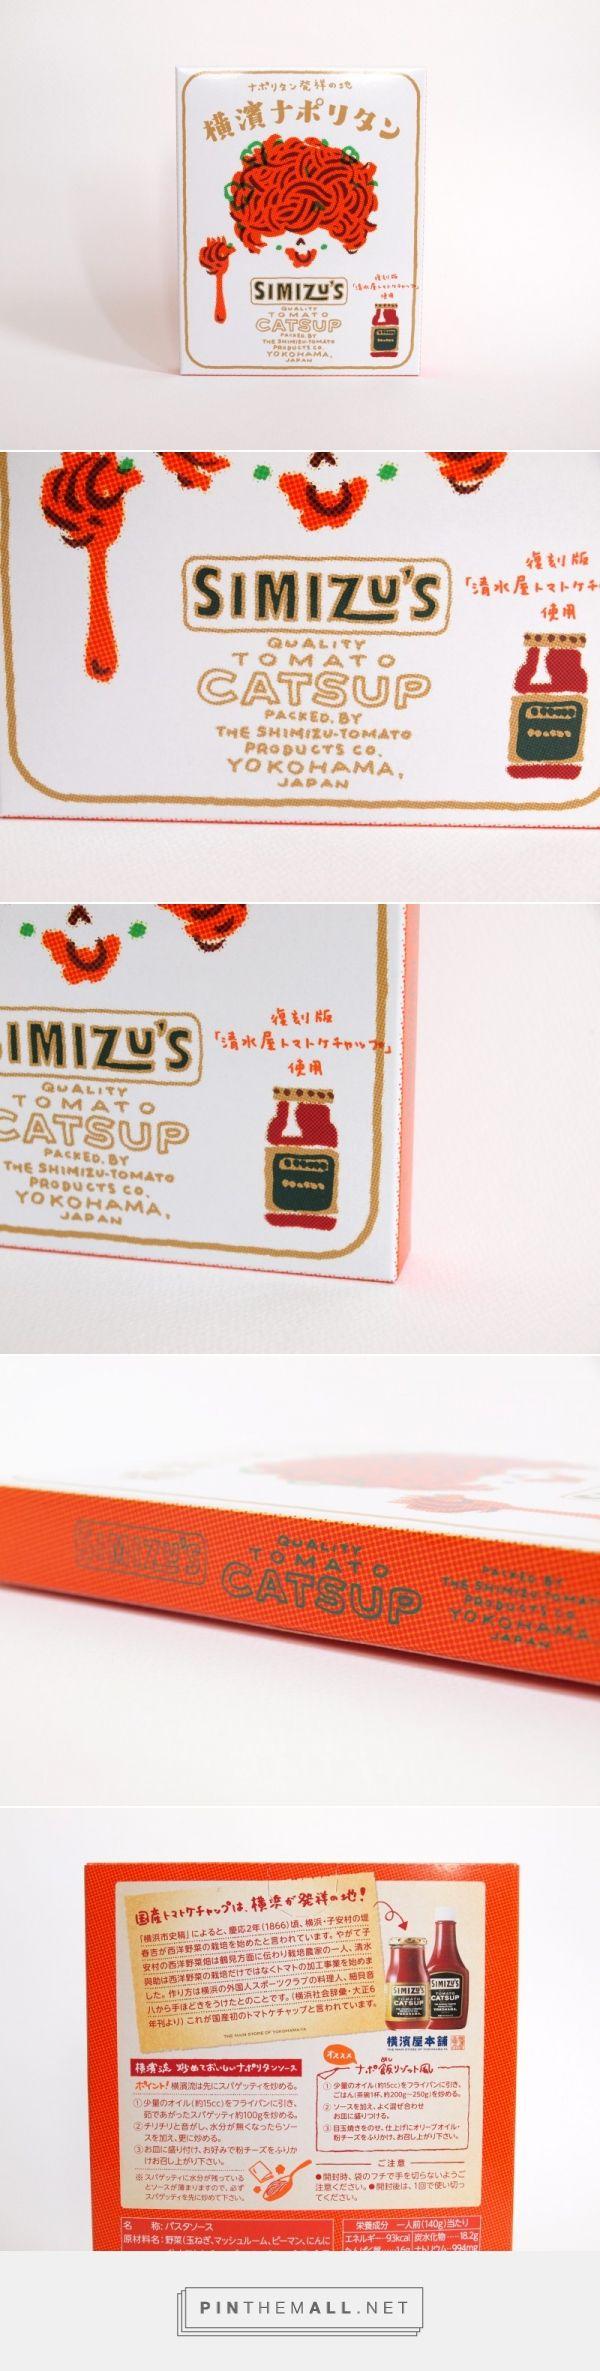 """【横浜のお土産】復刻版""""清水屋トマトケチャップ""""を使用したパスタソース「横濱ナポリタン」  –  Kawacolle かわいいデザインのコレクションサイト Tomato Catsup curated by Packaging Diva PD"""